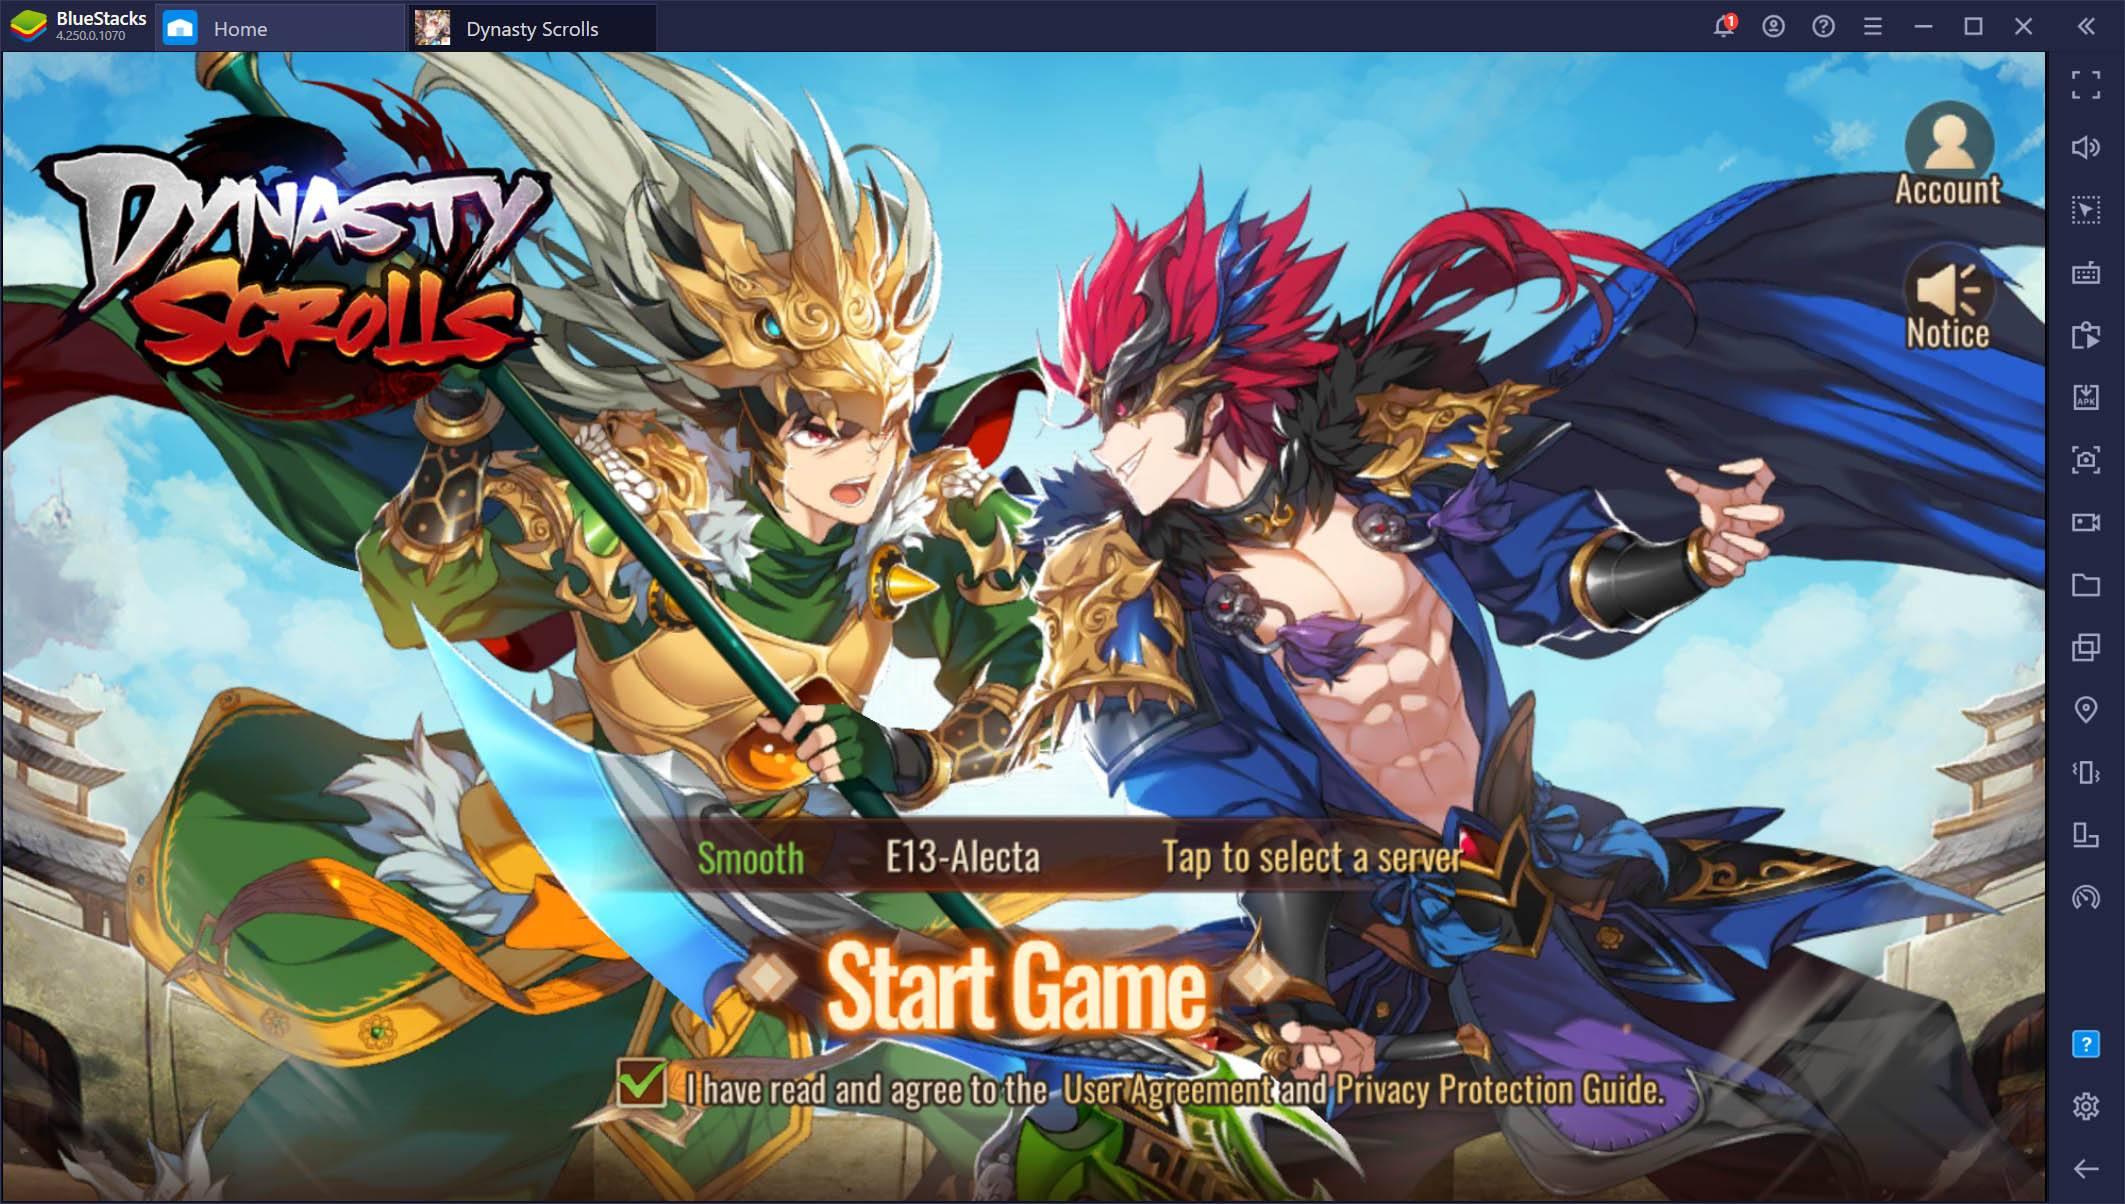 Dynasty Scrolls auf dem PC – So installierst und spielst du dieses Idle-RPG auf BlueStacks